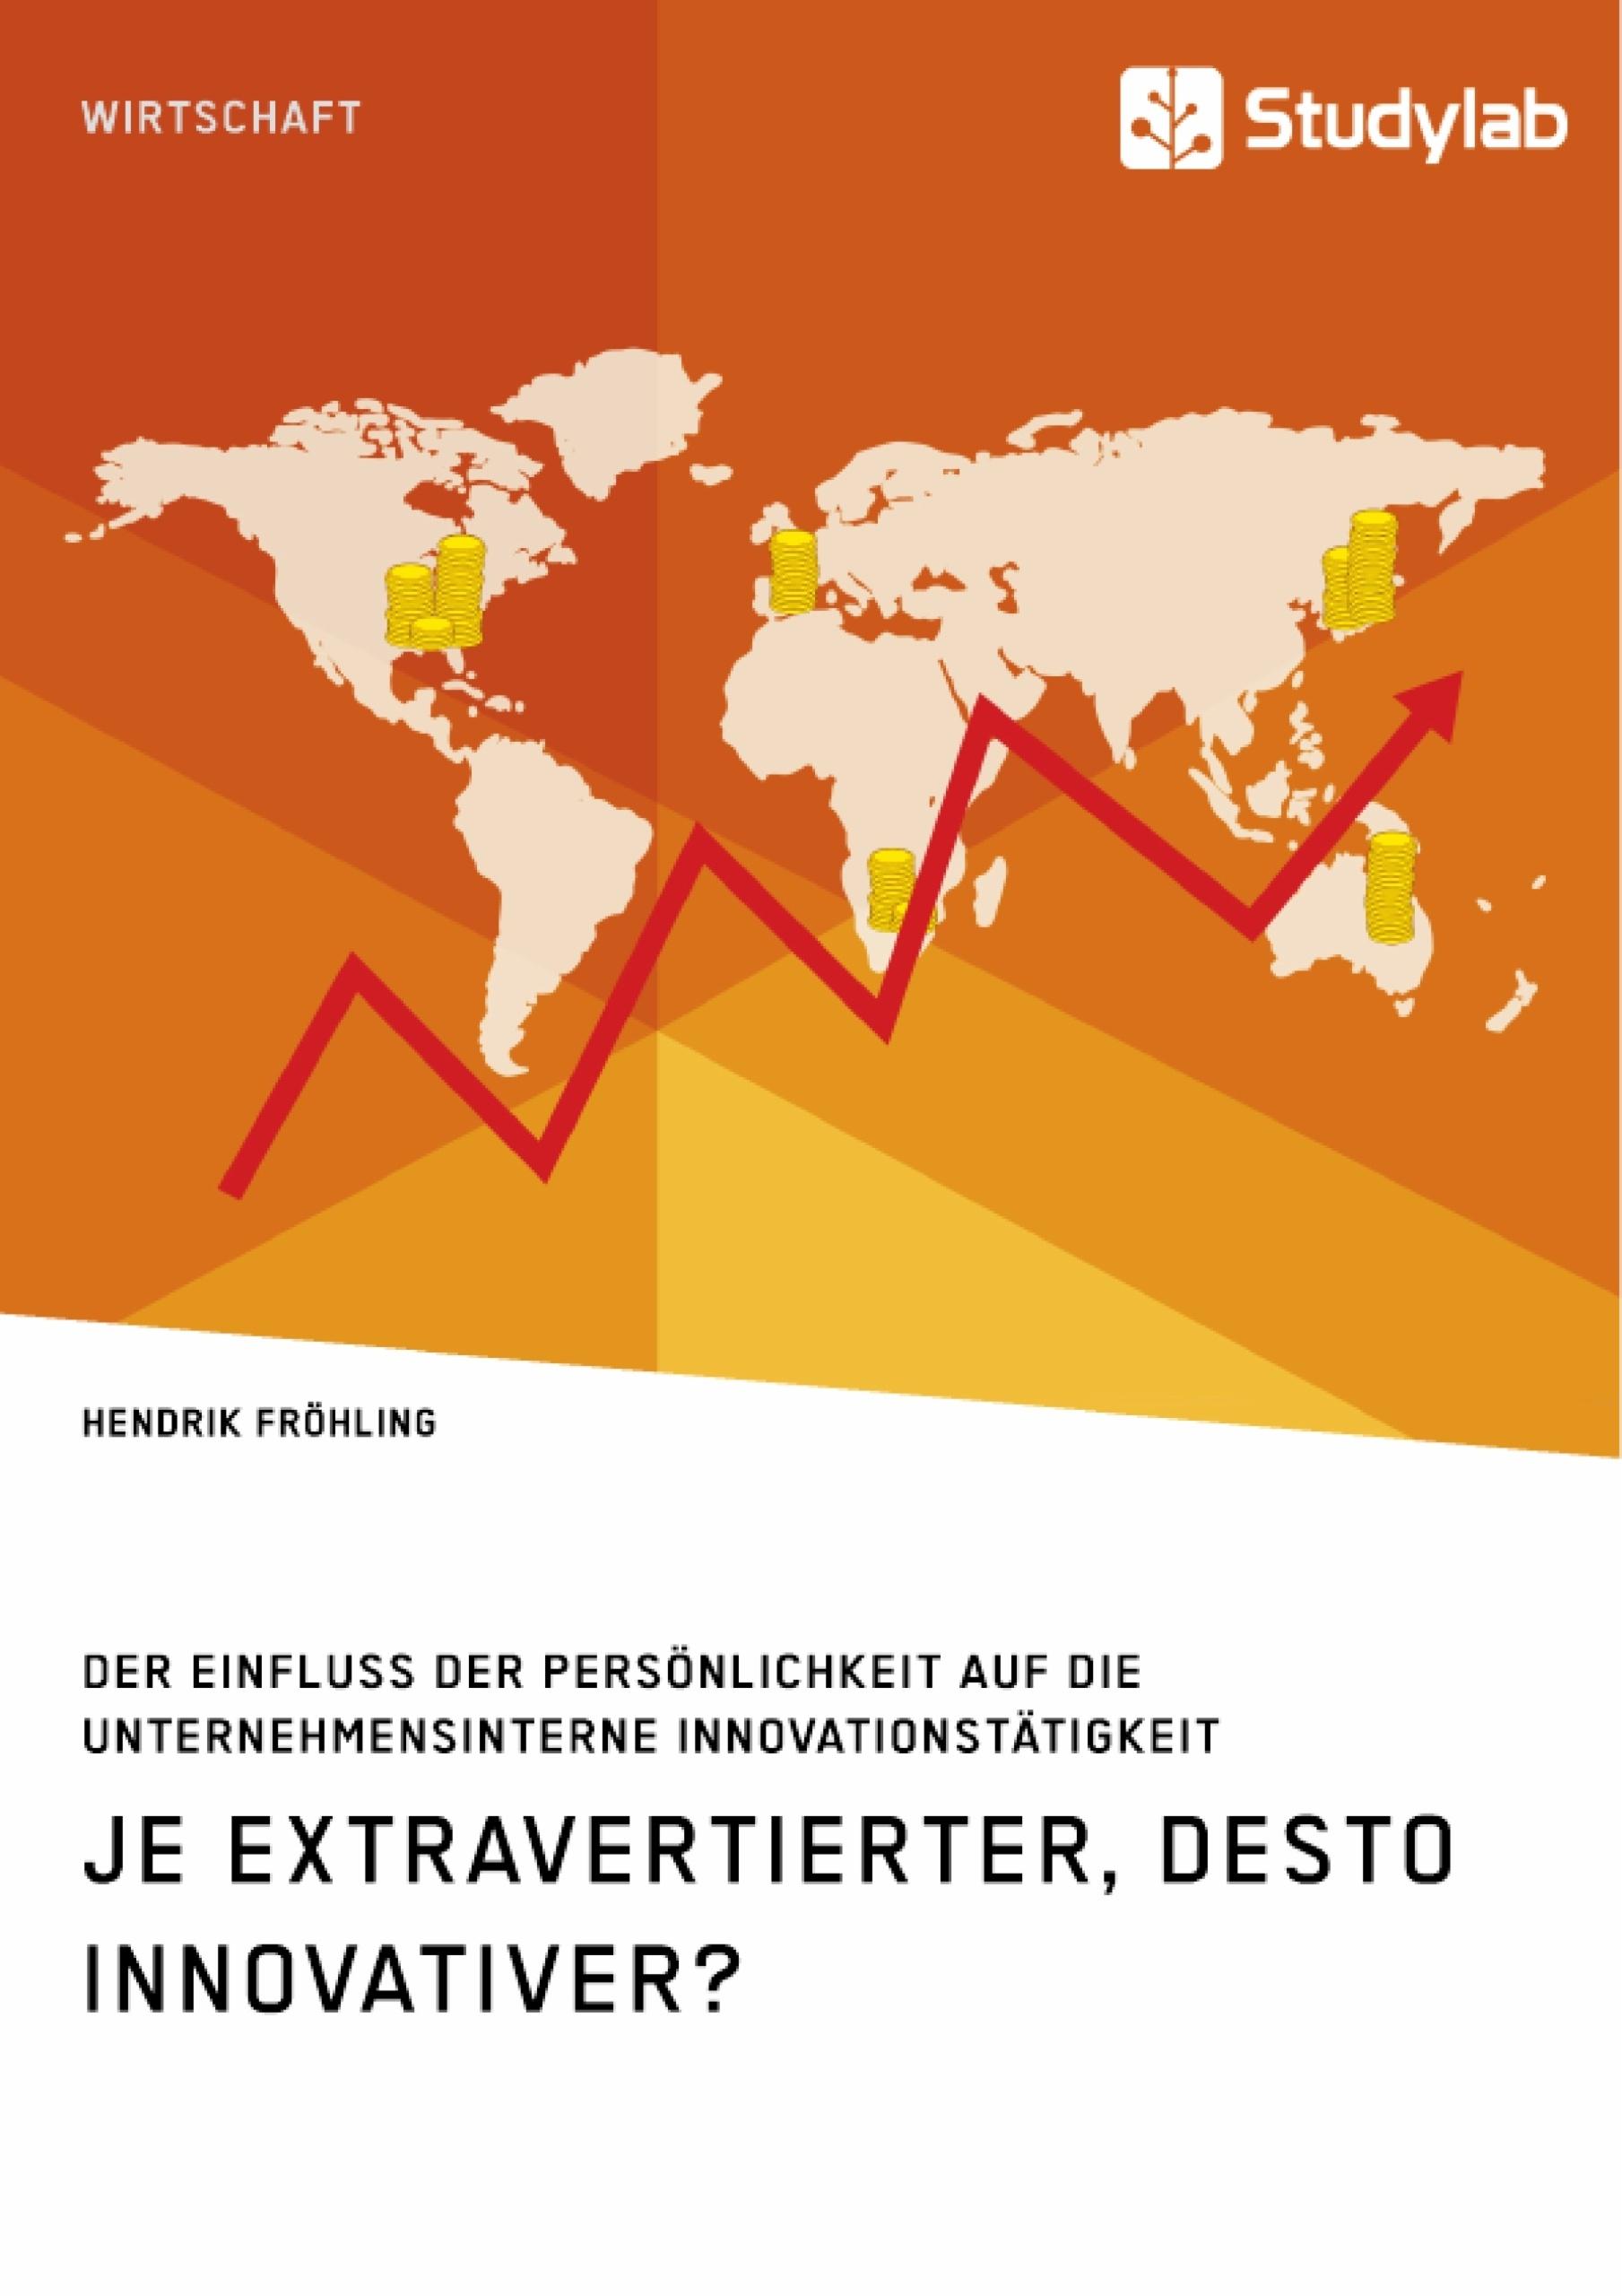 Titel: Je extravertierter, desto innovativer? Der Einfluss der Persönlichkeit auf die unternehmensinterne Innovationstätigkeit